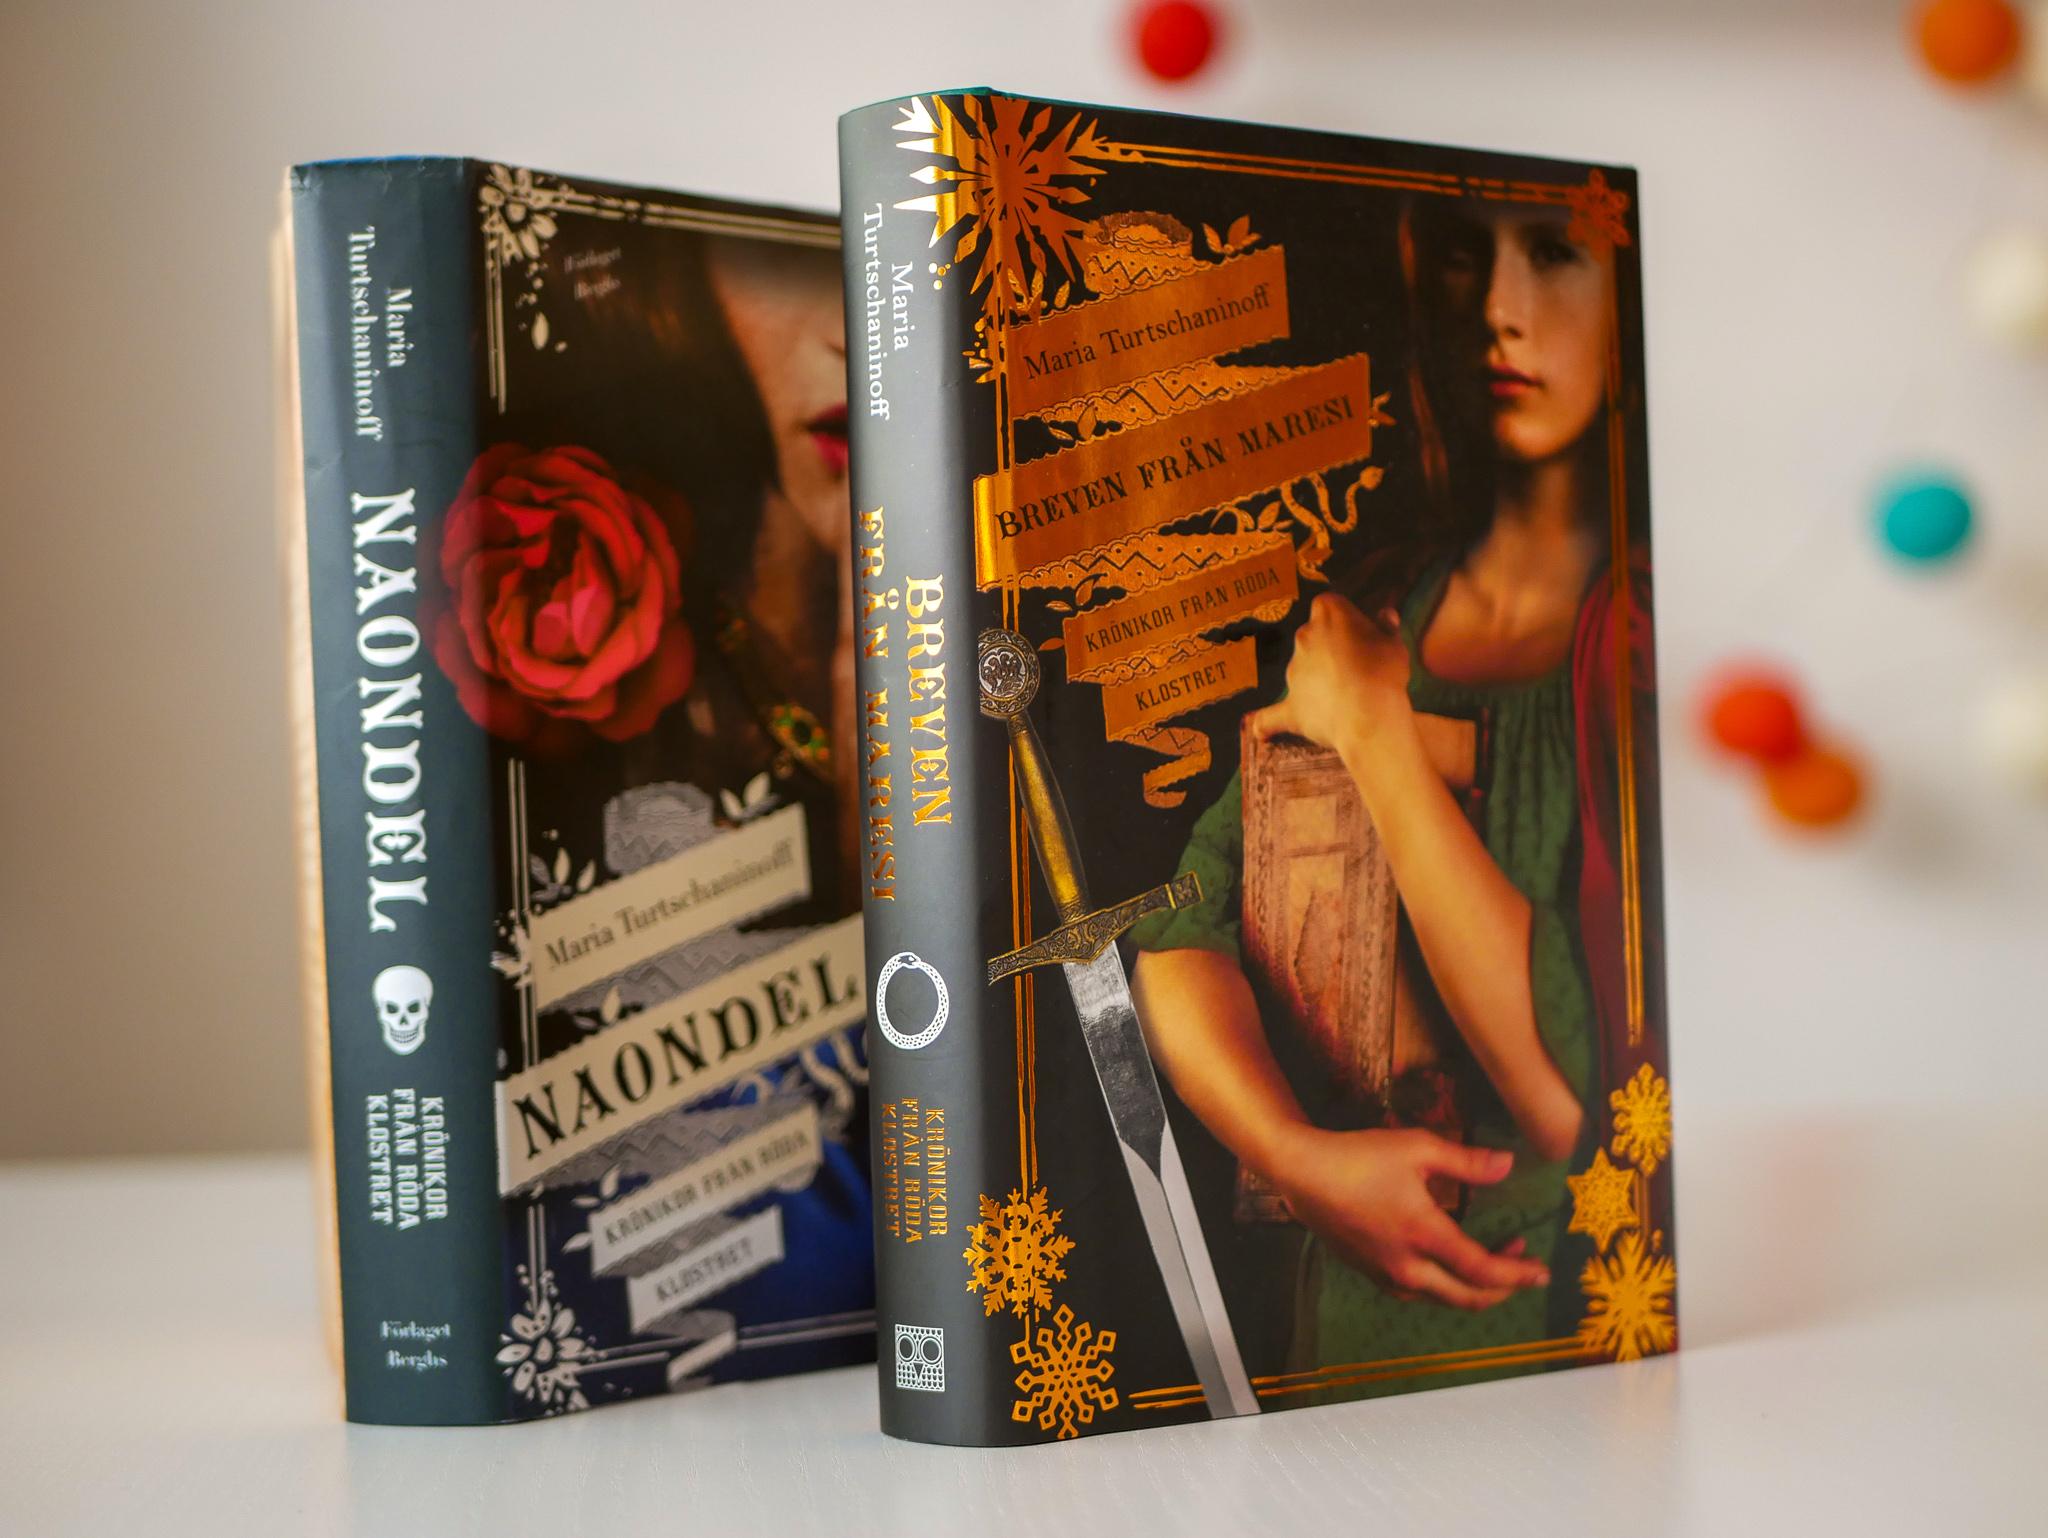 Två favoritböcker. Har också Maresi, men den är utlånad, men minns så klart inte till vem.